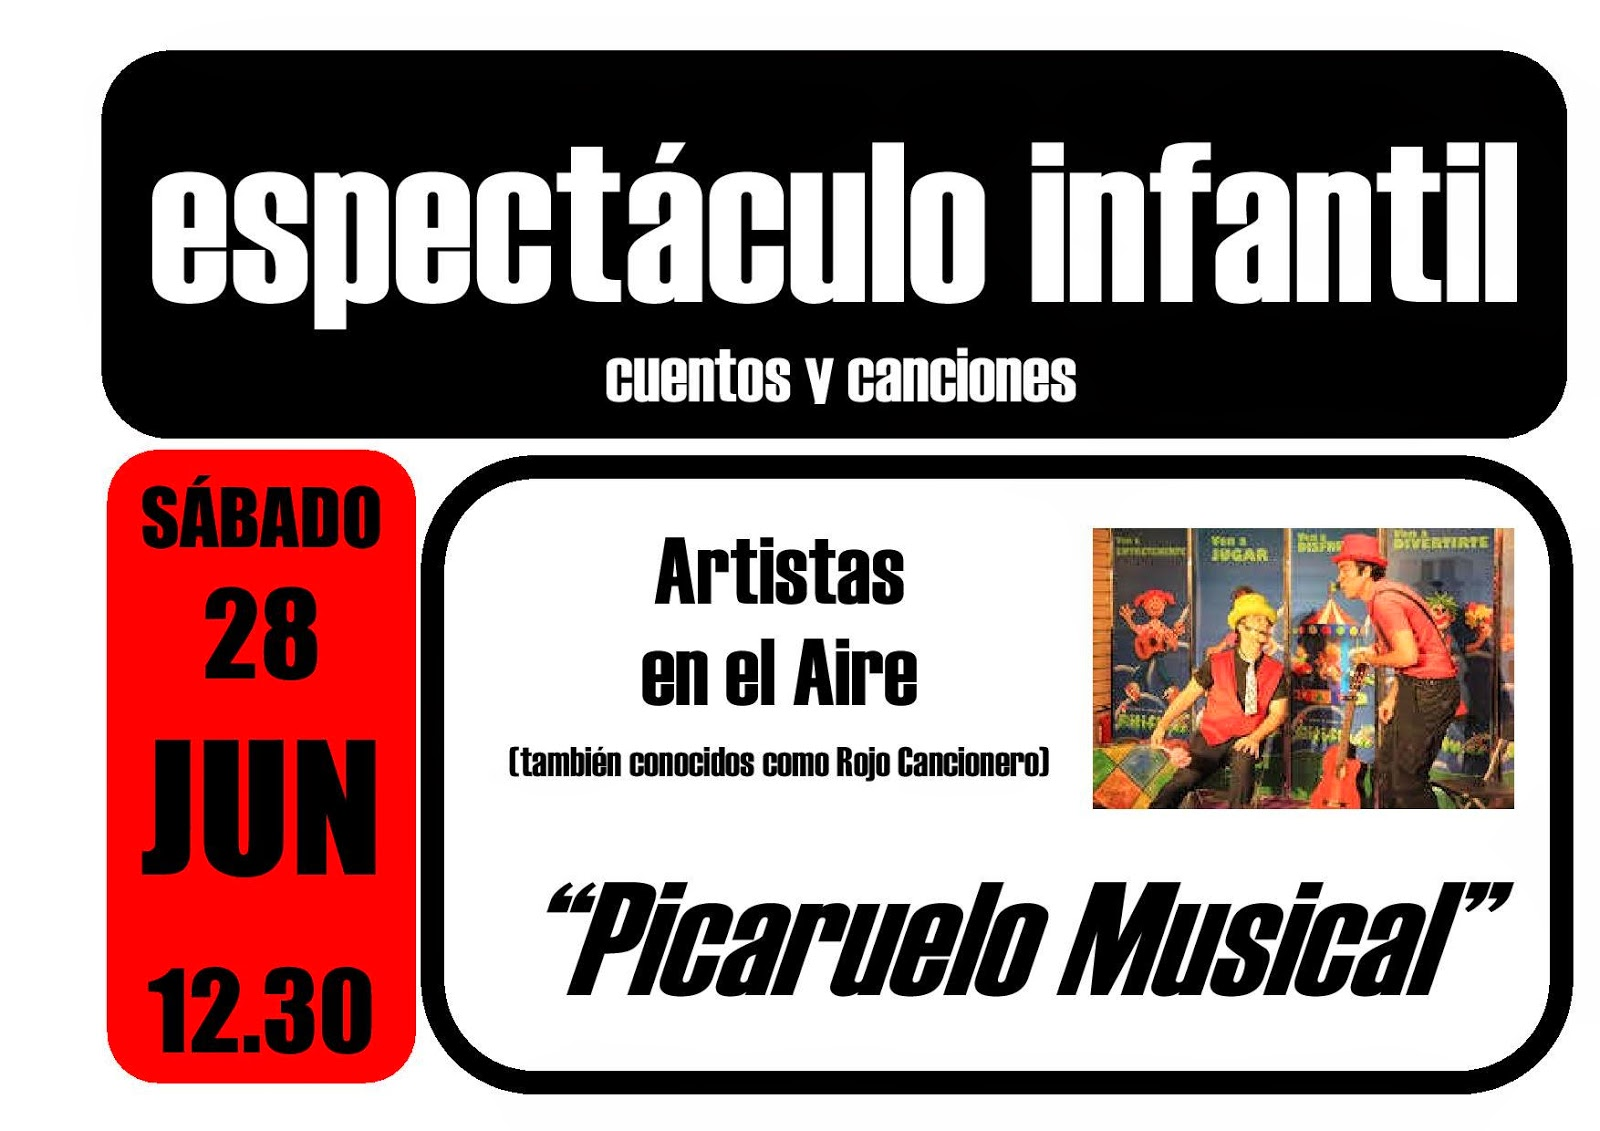 http://larevistademuga.blogspot.com.es/p/rojo-cancionero-picaruelo-musical.html